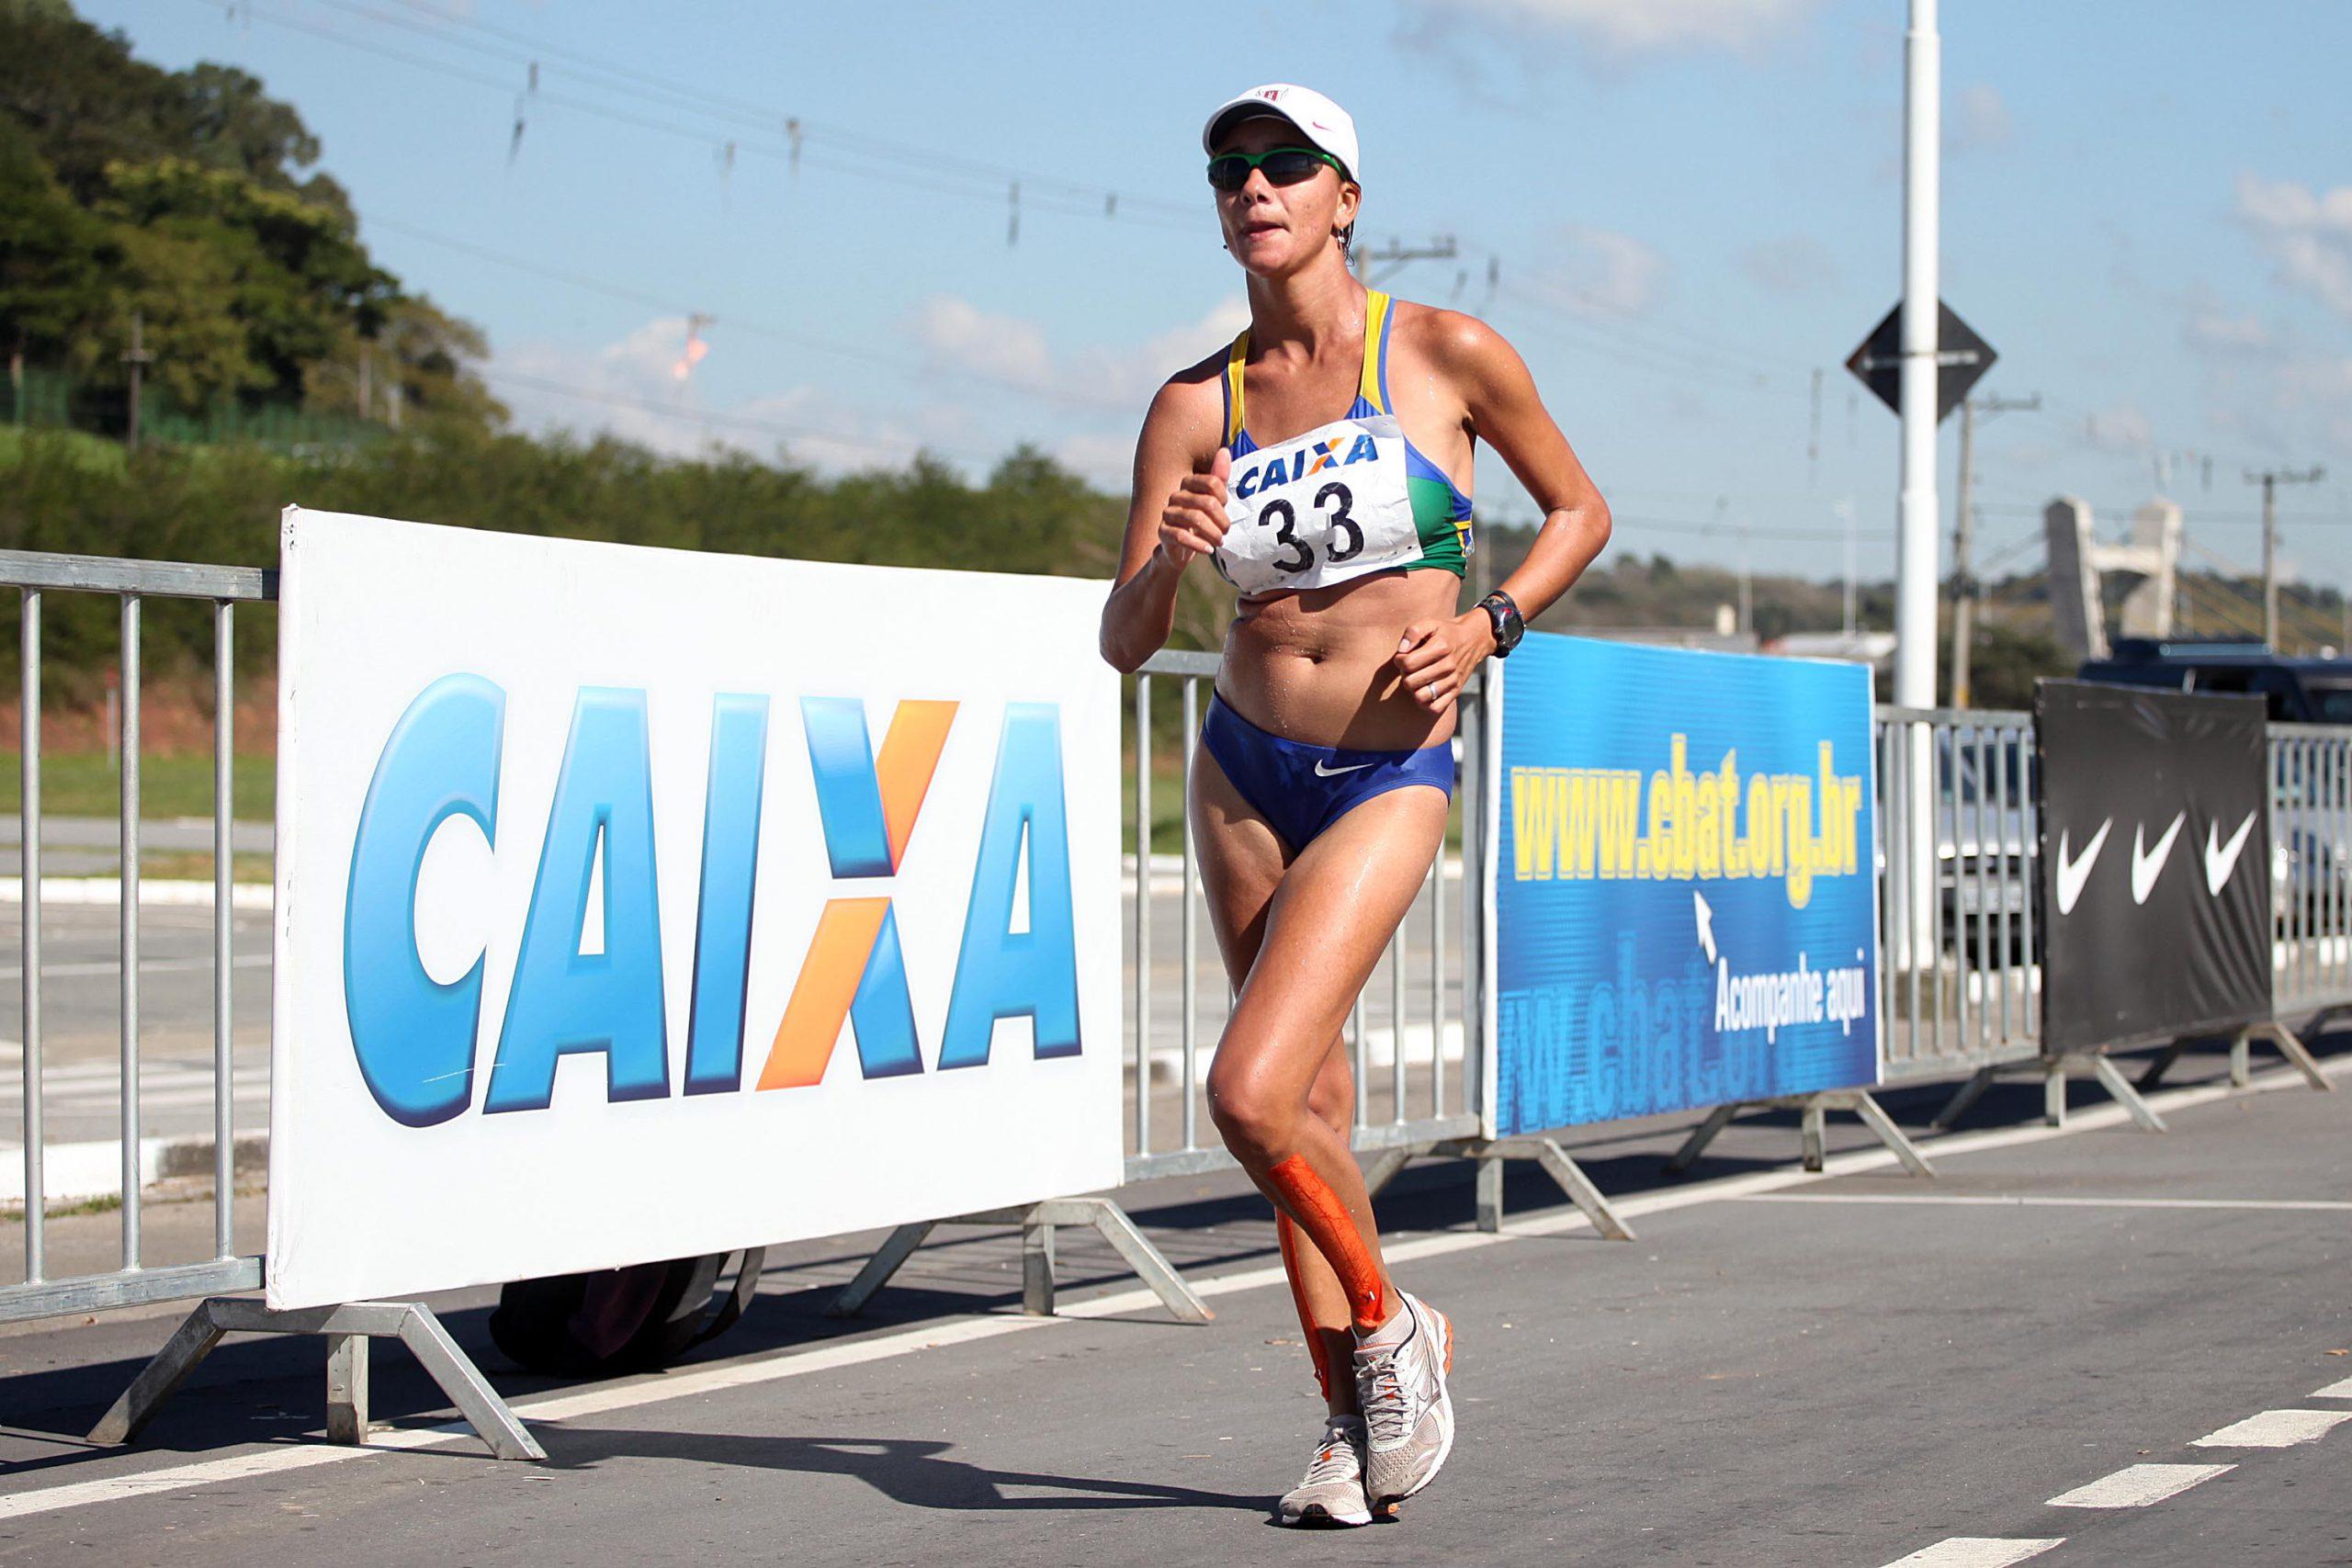 Brasileiros lutam por medalhas nos 20 km marcha atlética do Pan de Lima - Foto: Wagner Carmo/CBAt